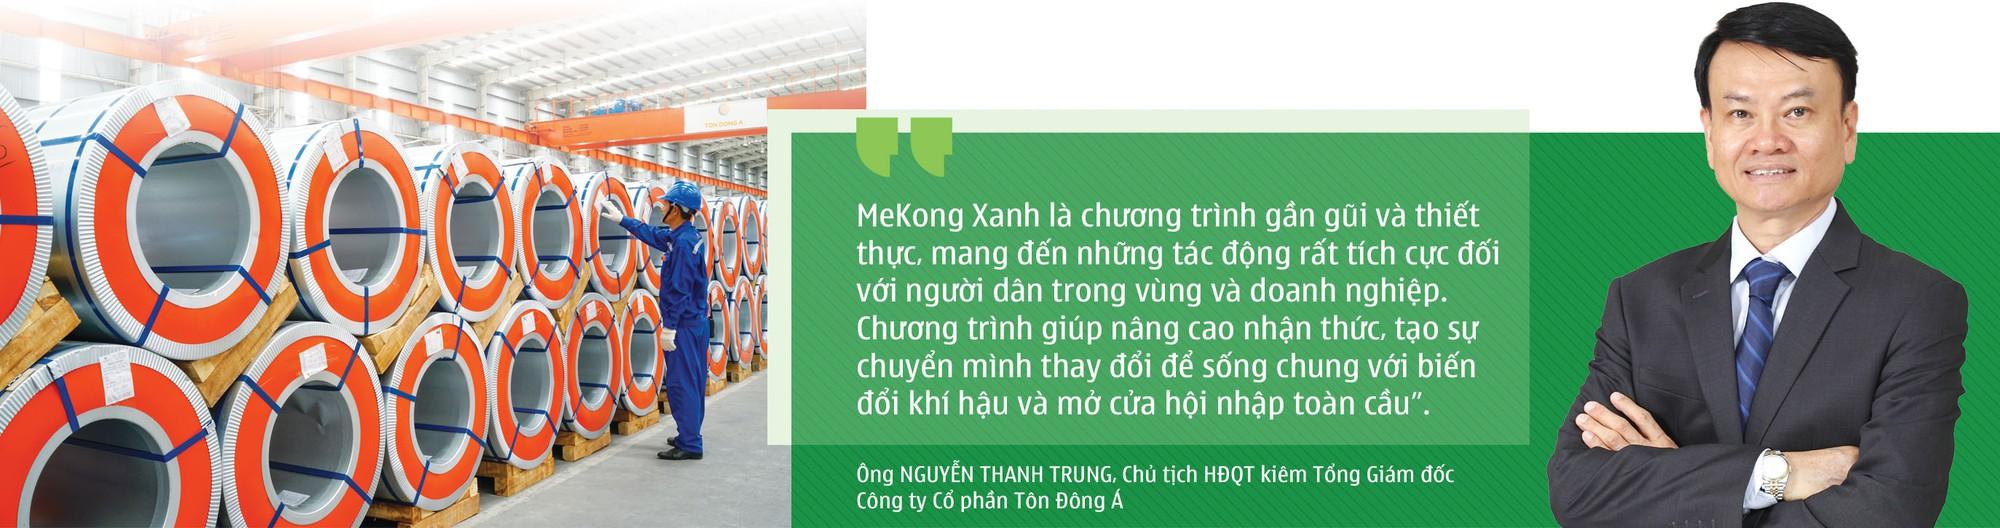 MeKong Xanh - Cùng xây cuộc sống xanh - Ảnh 9.